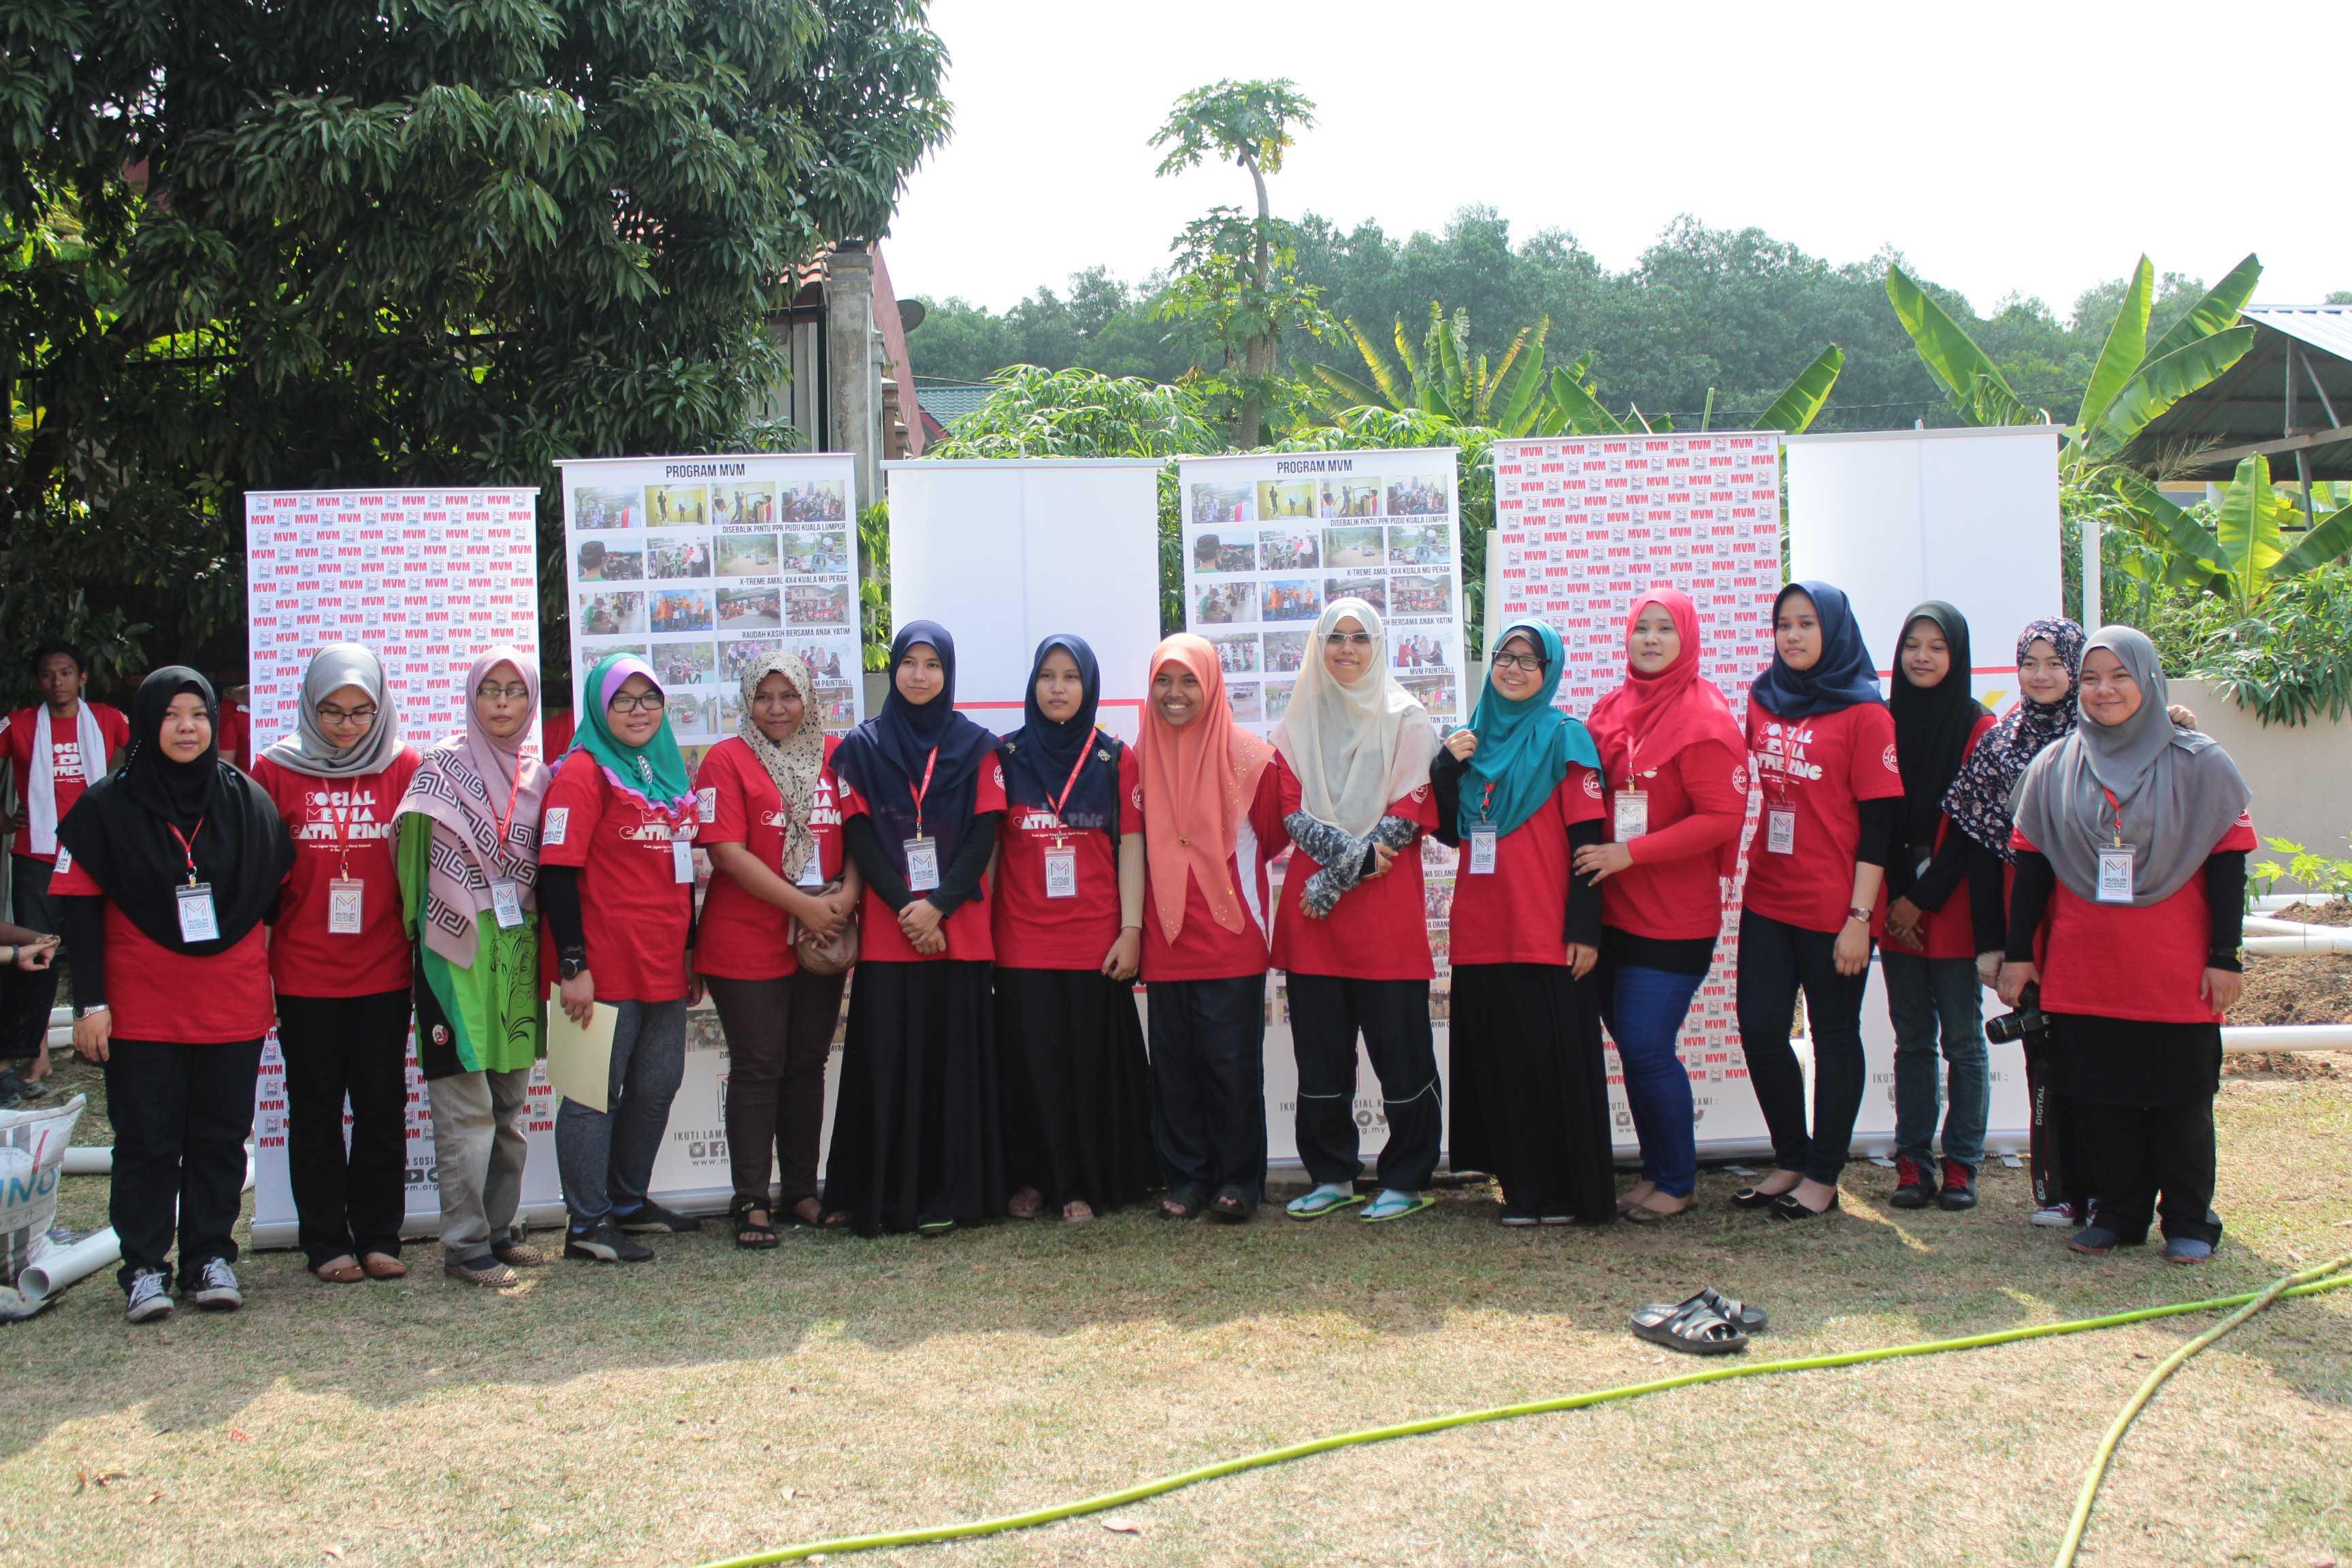 Sukarelawan wanita yang terlibat didalam Social Media : The Gathering